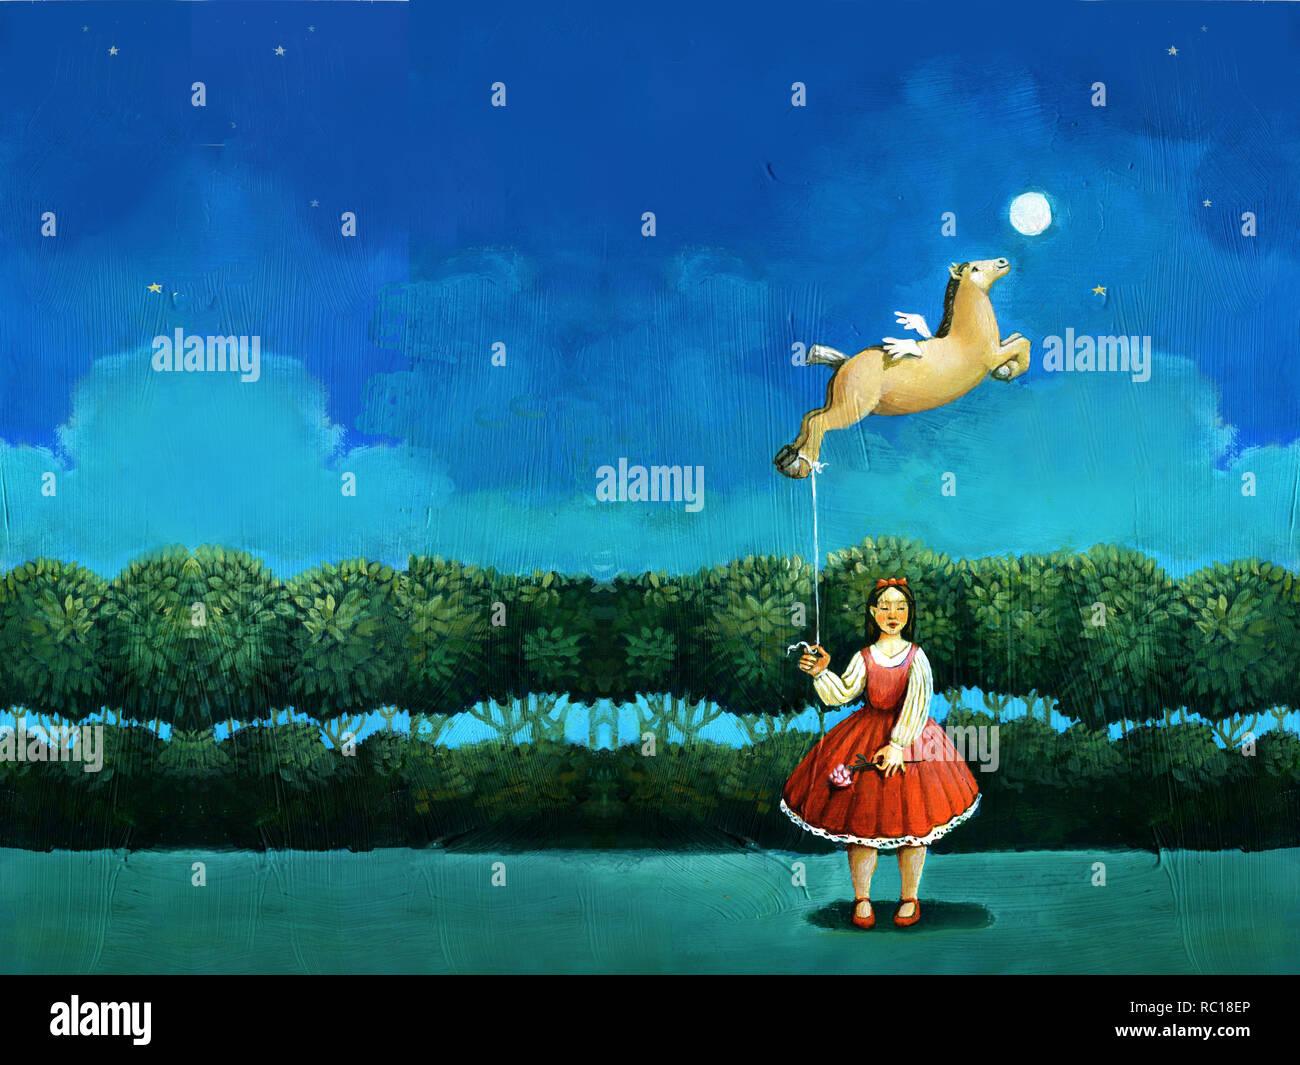 In der Nacht Mädchen gekleidet von Red Hat als Spielzeug Ballon in Form des Fliegens Fohlen surreale Acrylfarbe Archetypus des Weiblichen Stockbild